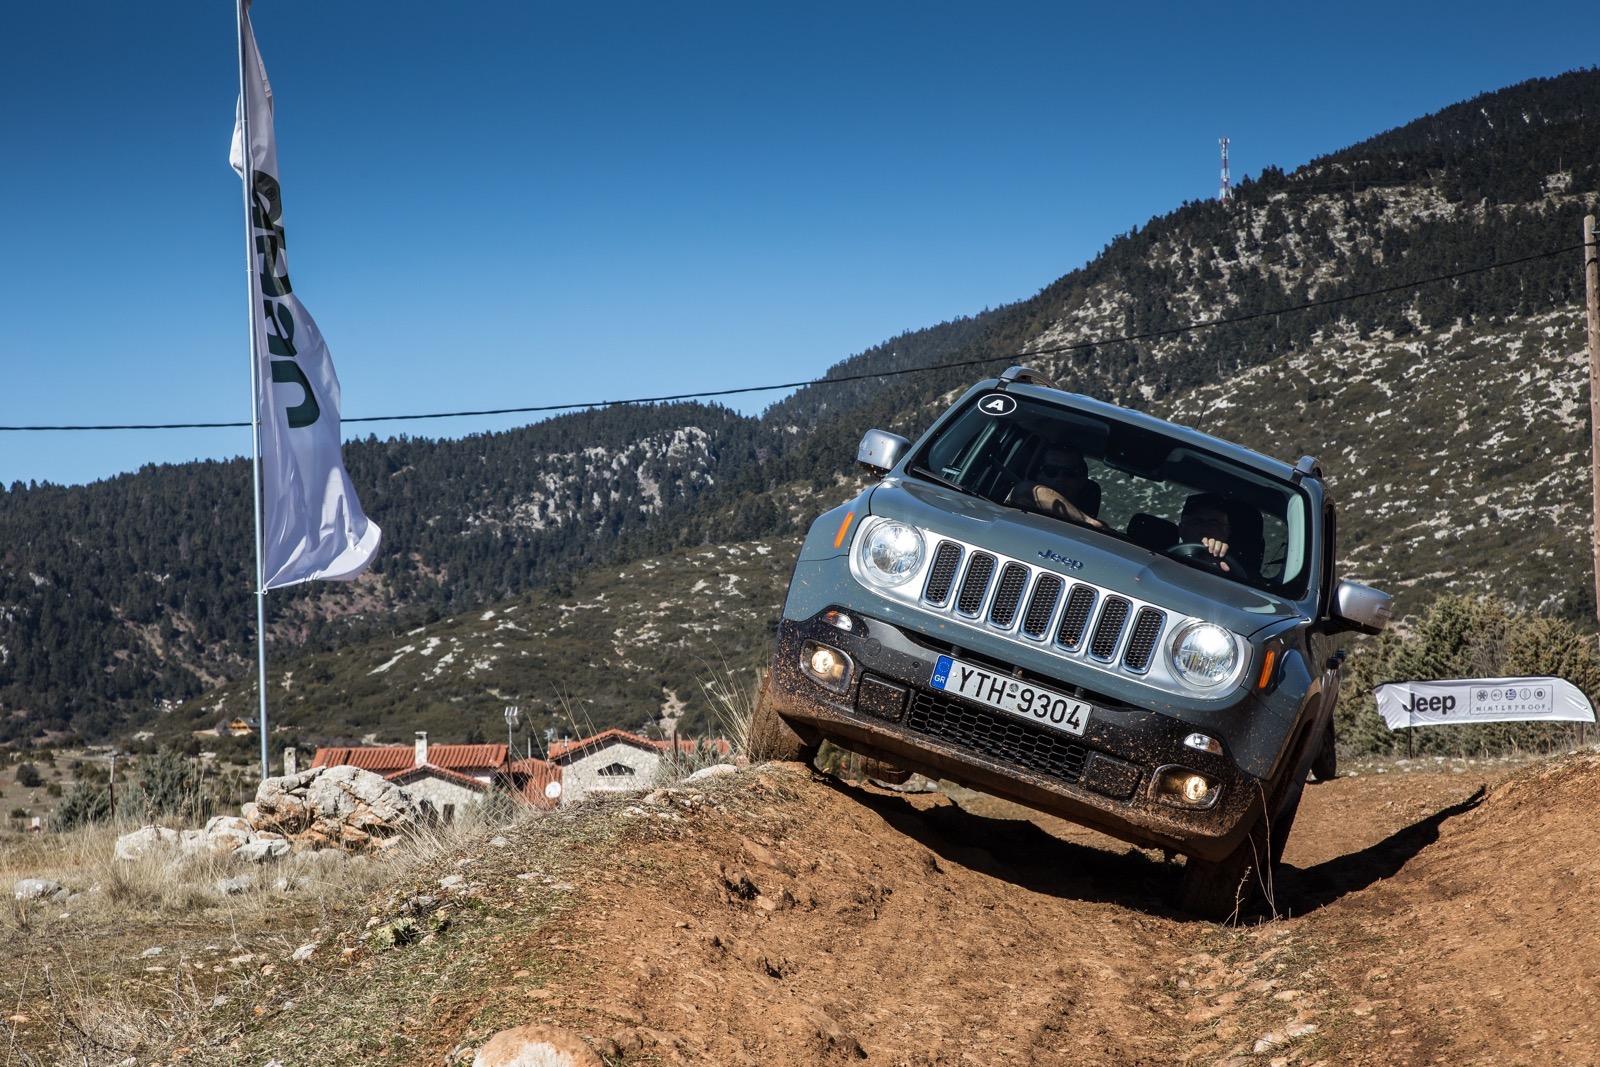 Jeep_Camp_Arahova_152